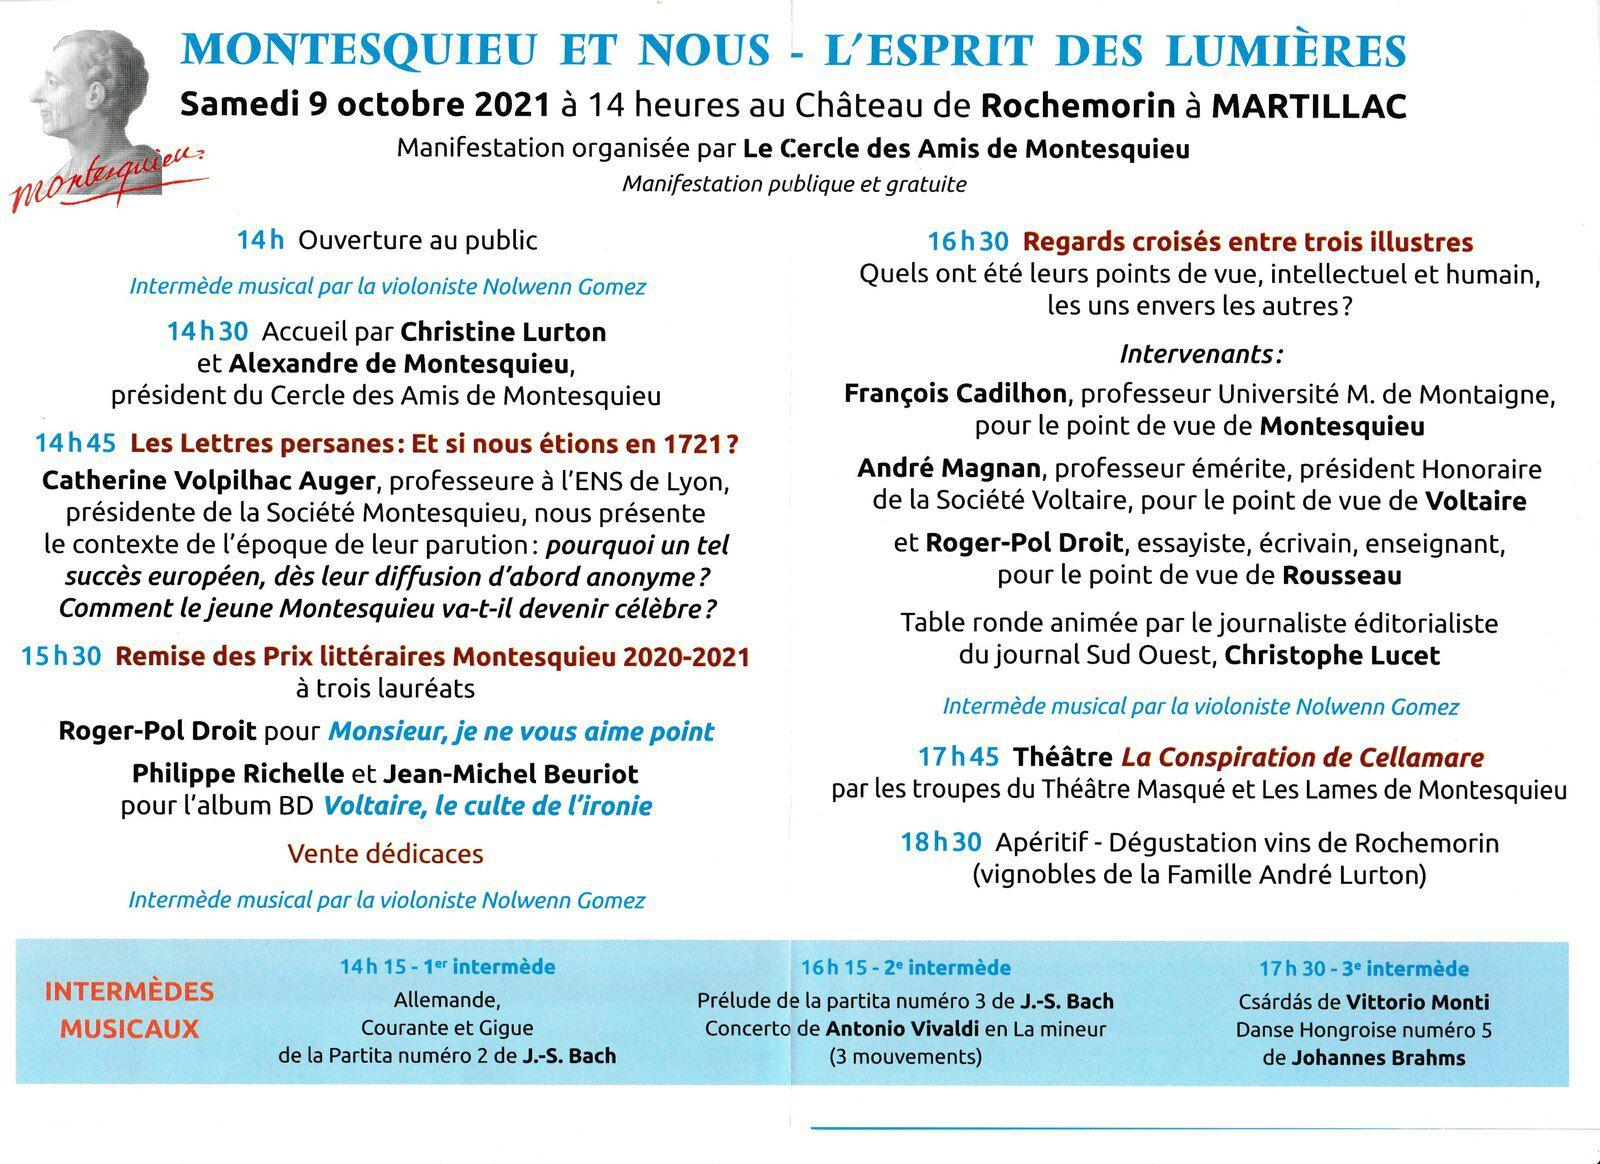 Samedi 9 octobre 2021 : Rendez-vous au Château de Rochemorin